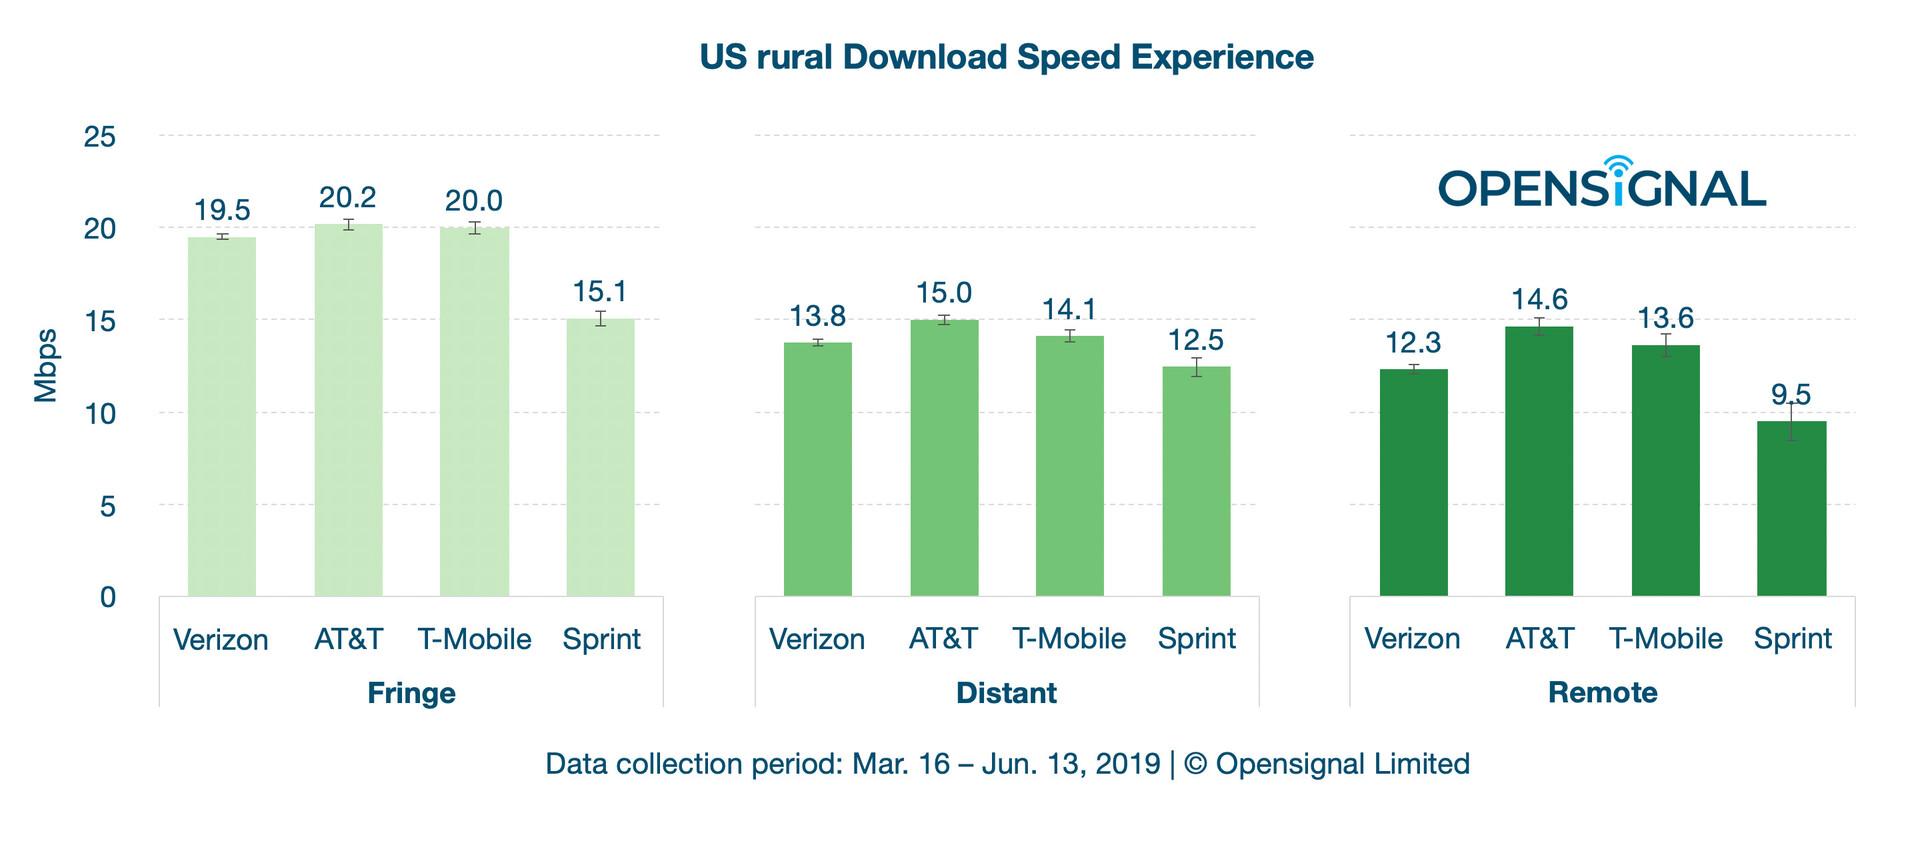 Opensignal Rural Download Speeds